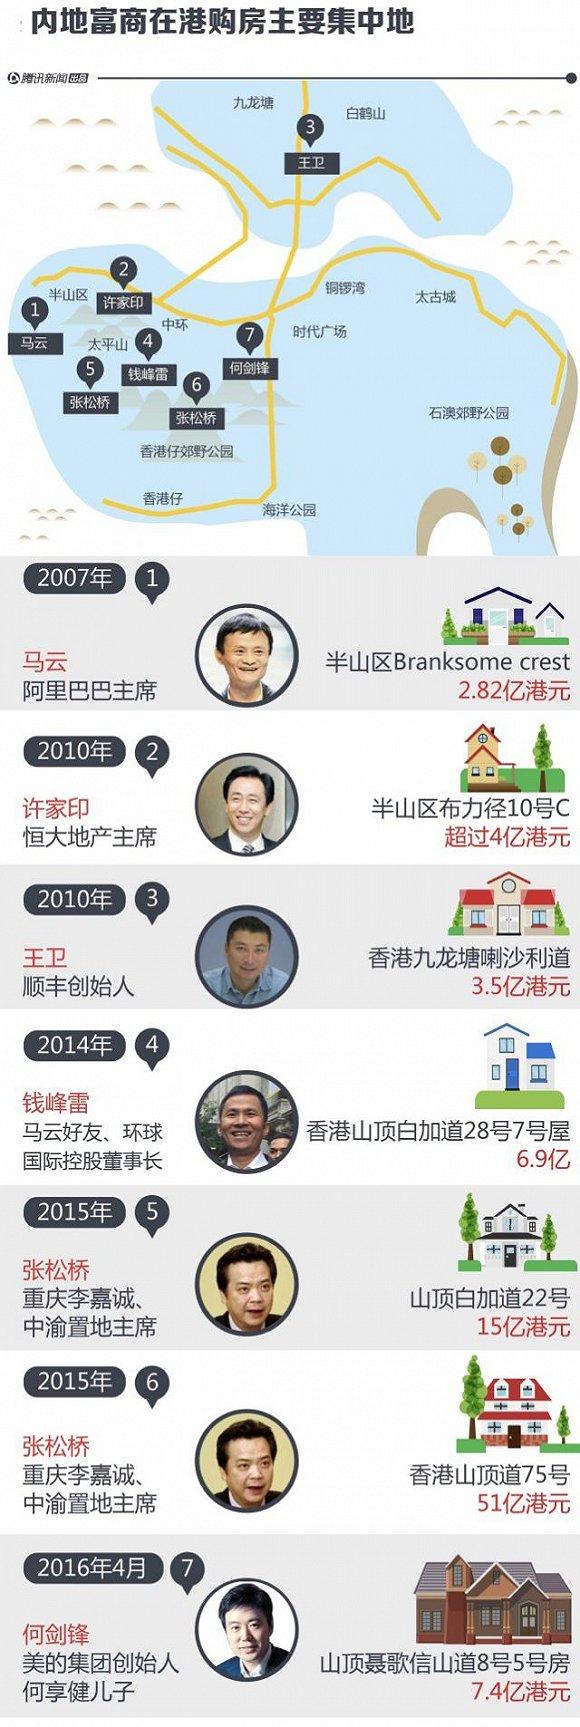 """""""辣招""""难平让香港房市热浪,10亿豪宅遭疯抢   中国香港"""